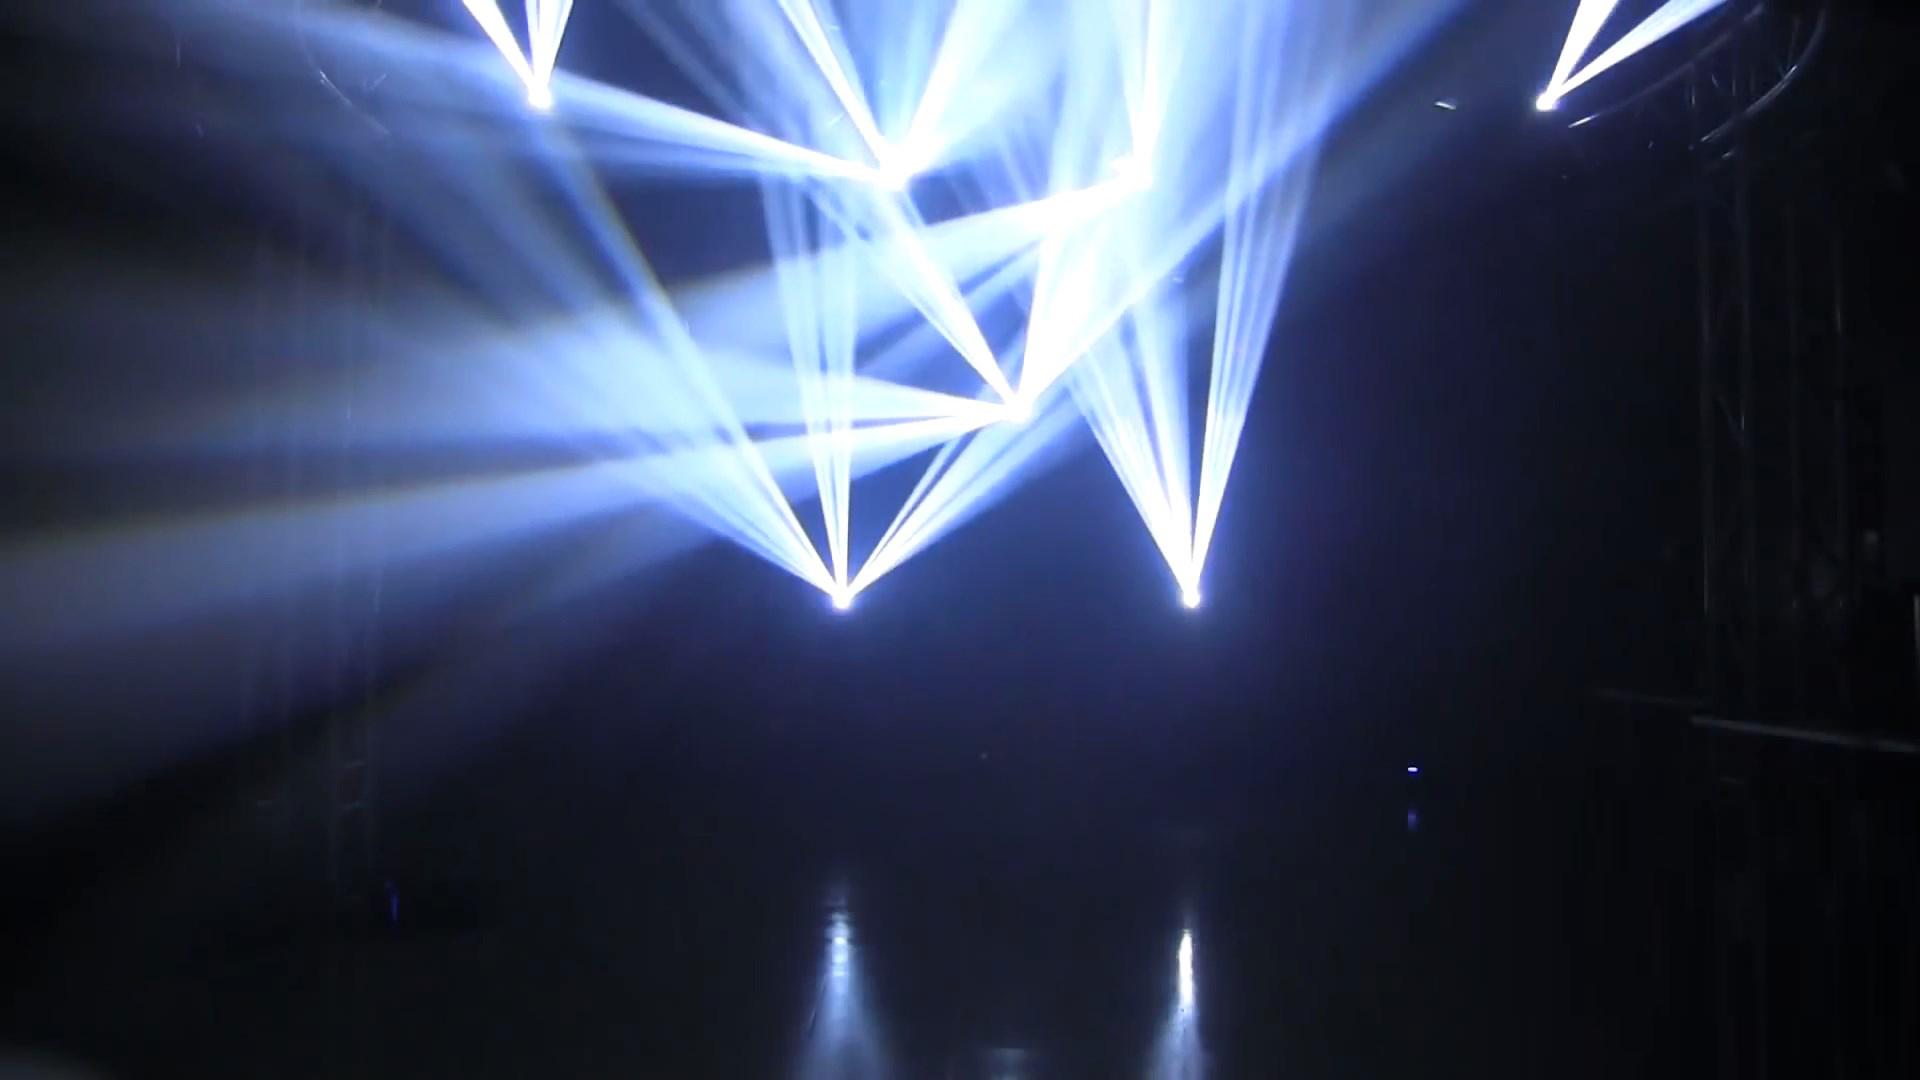 Đèn xạ thủ Sniper trên sân khấu